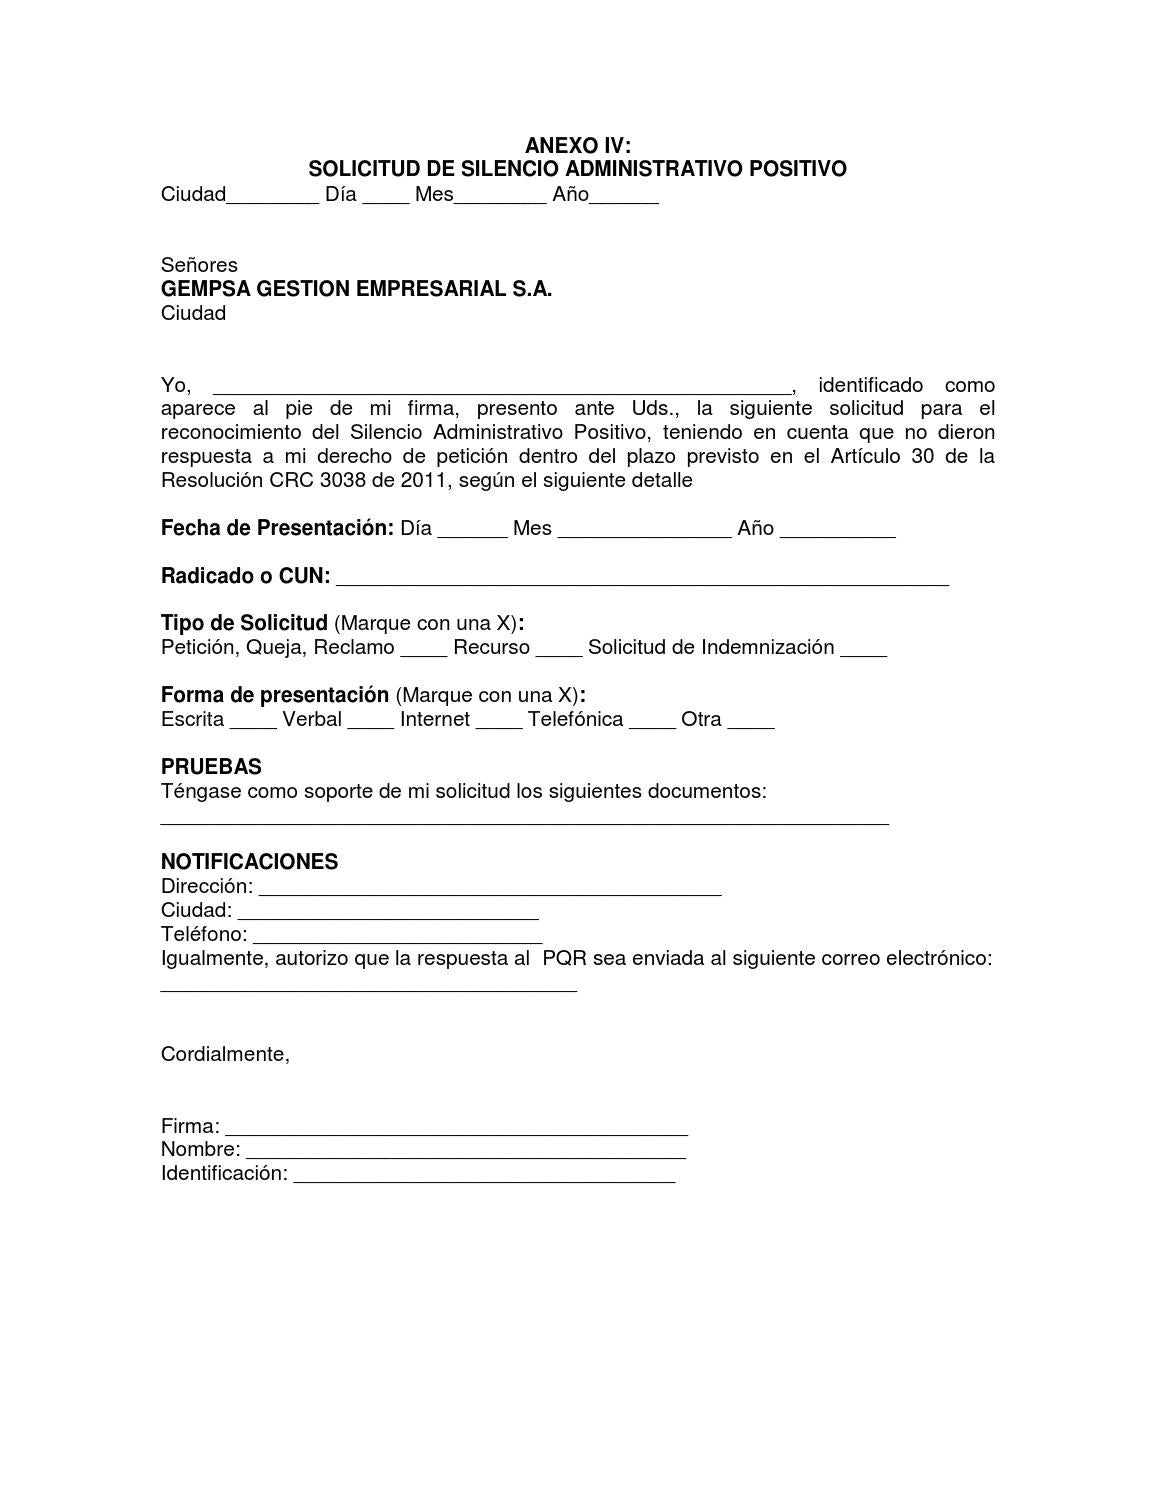 Peticion Modelo De Solicitud